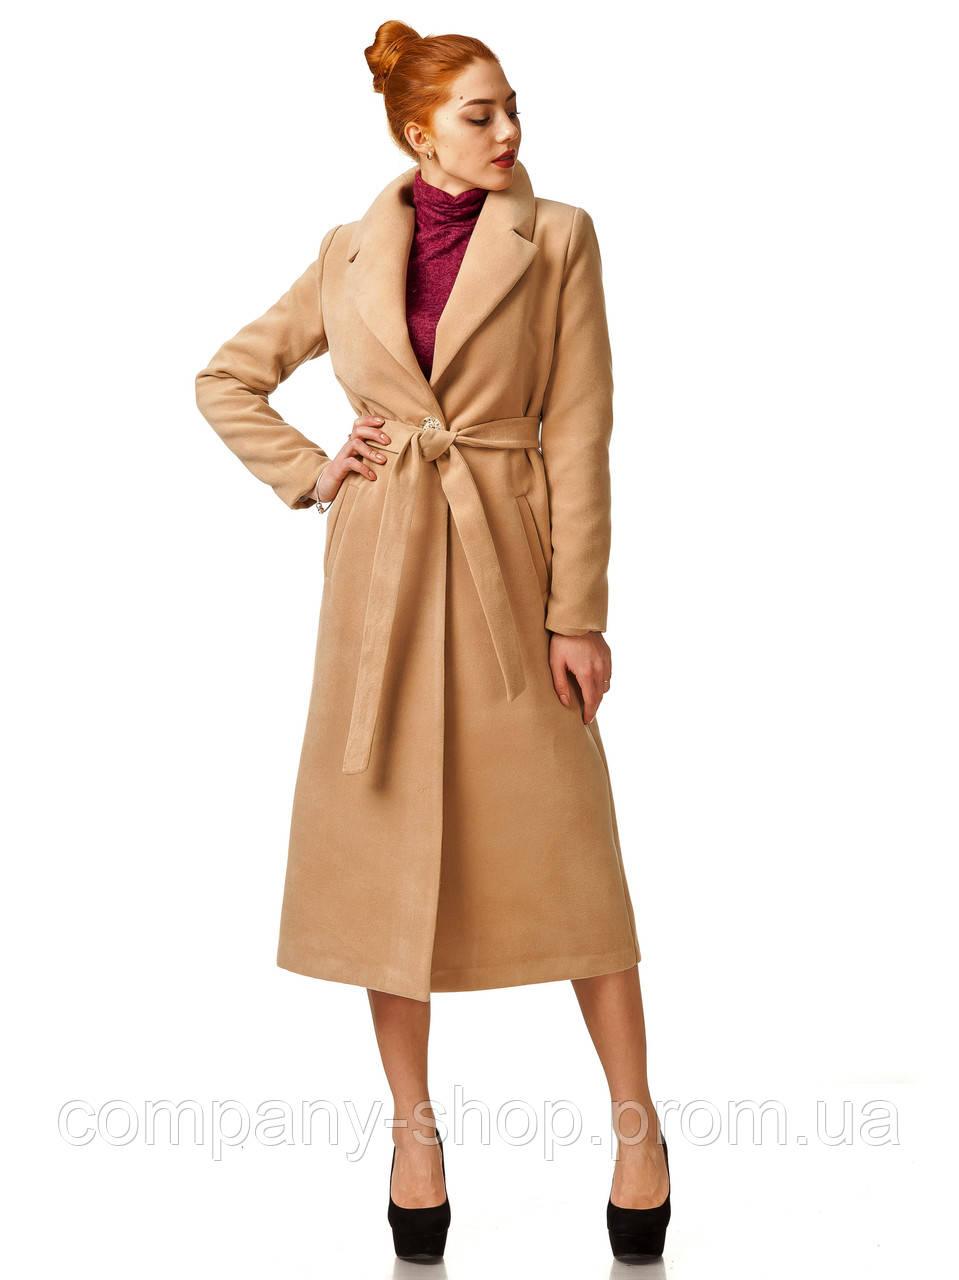 Пальто кашемировое на подкладке оптом. Модель ПЛ003_бежевый